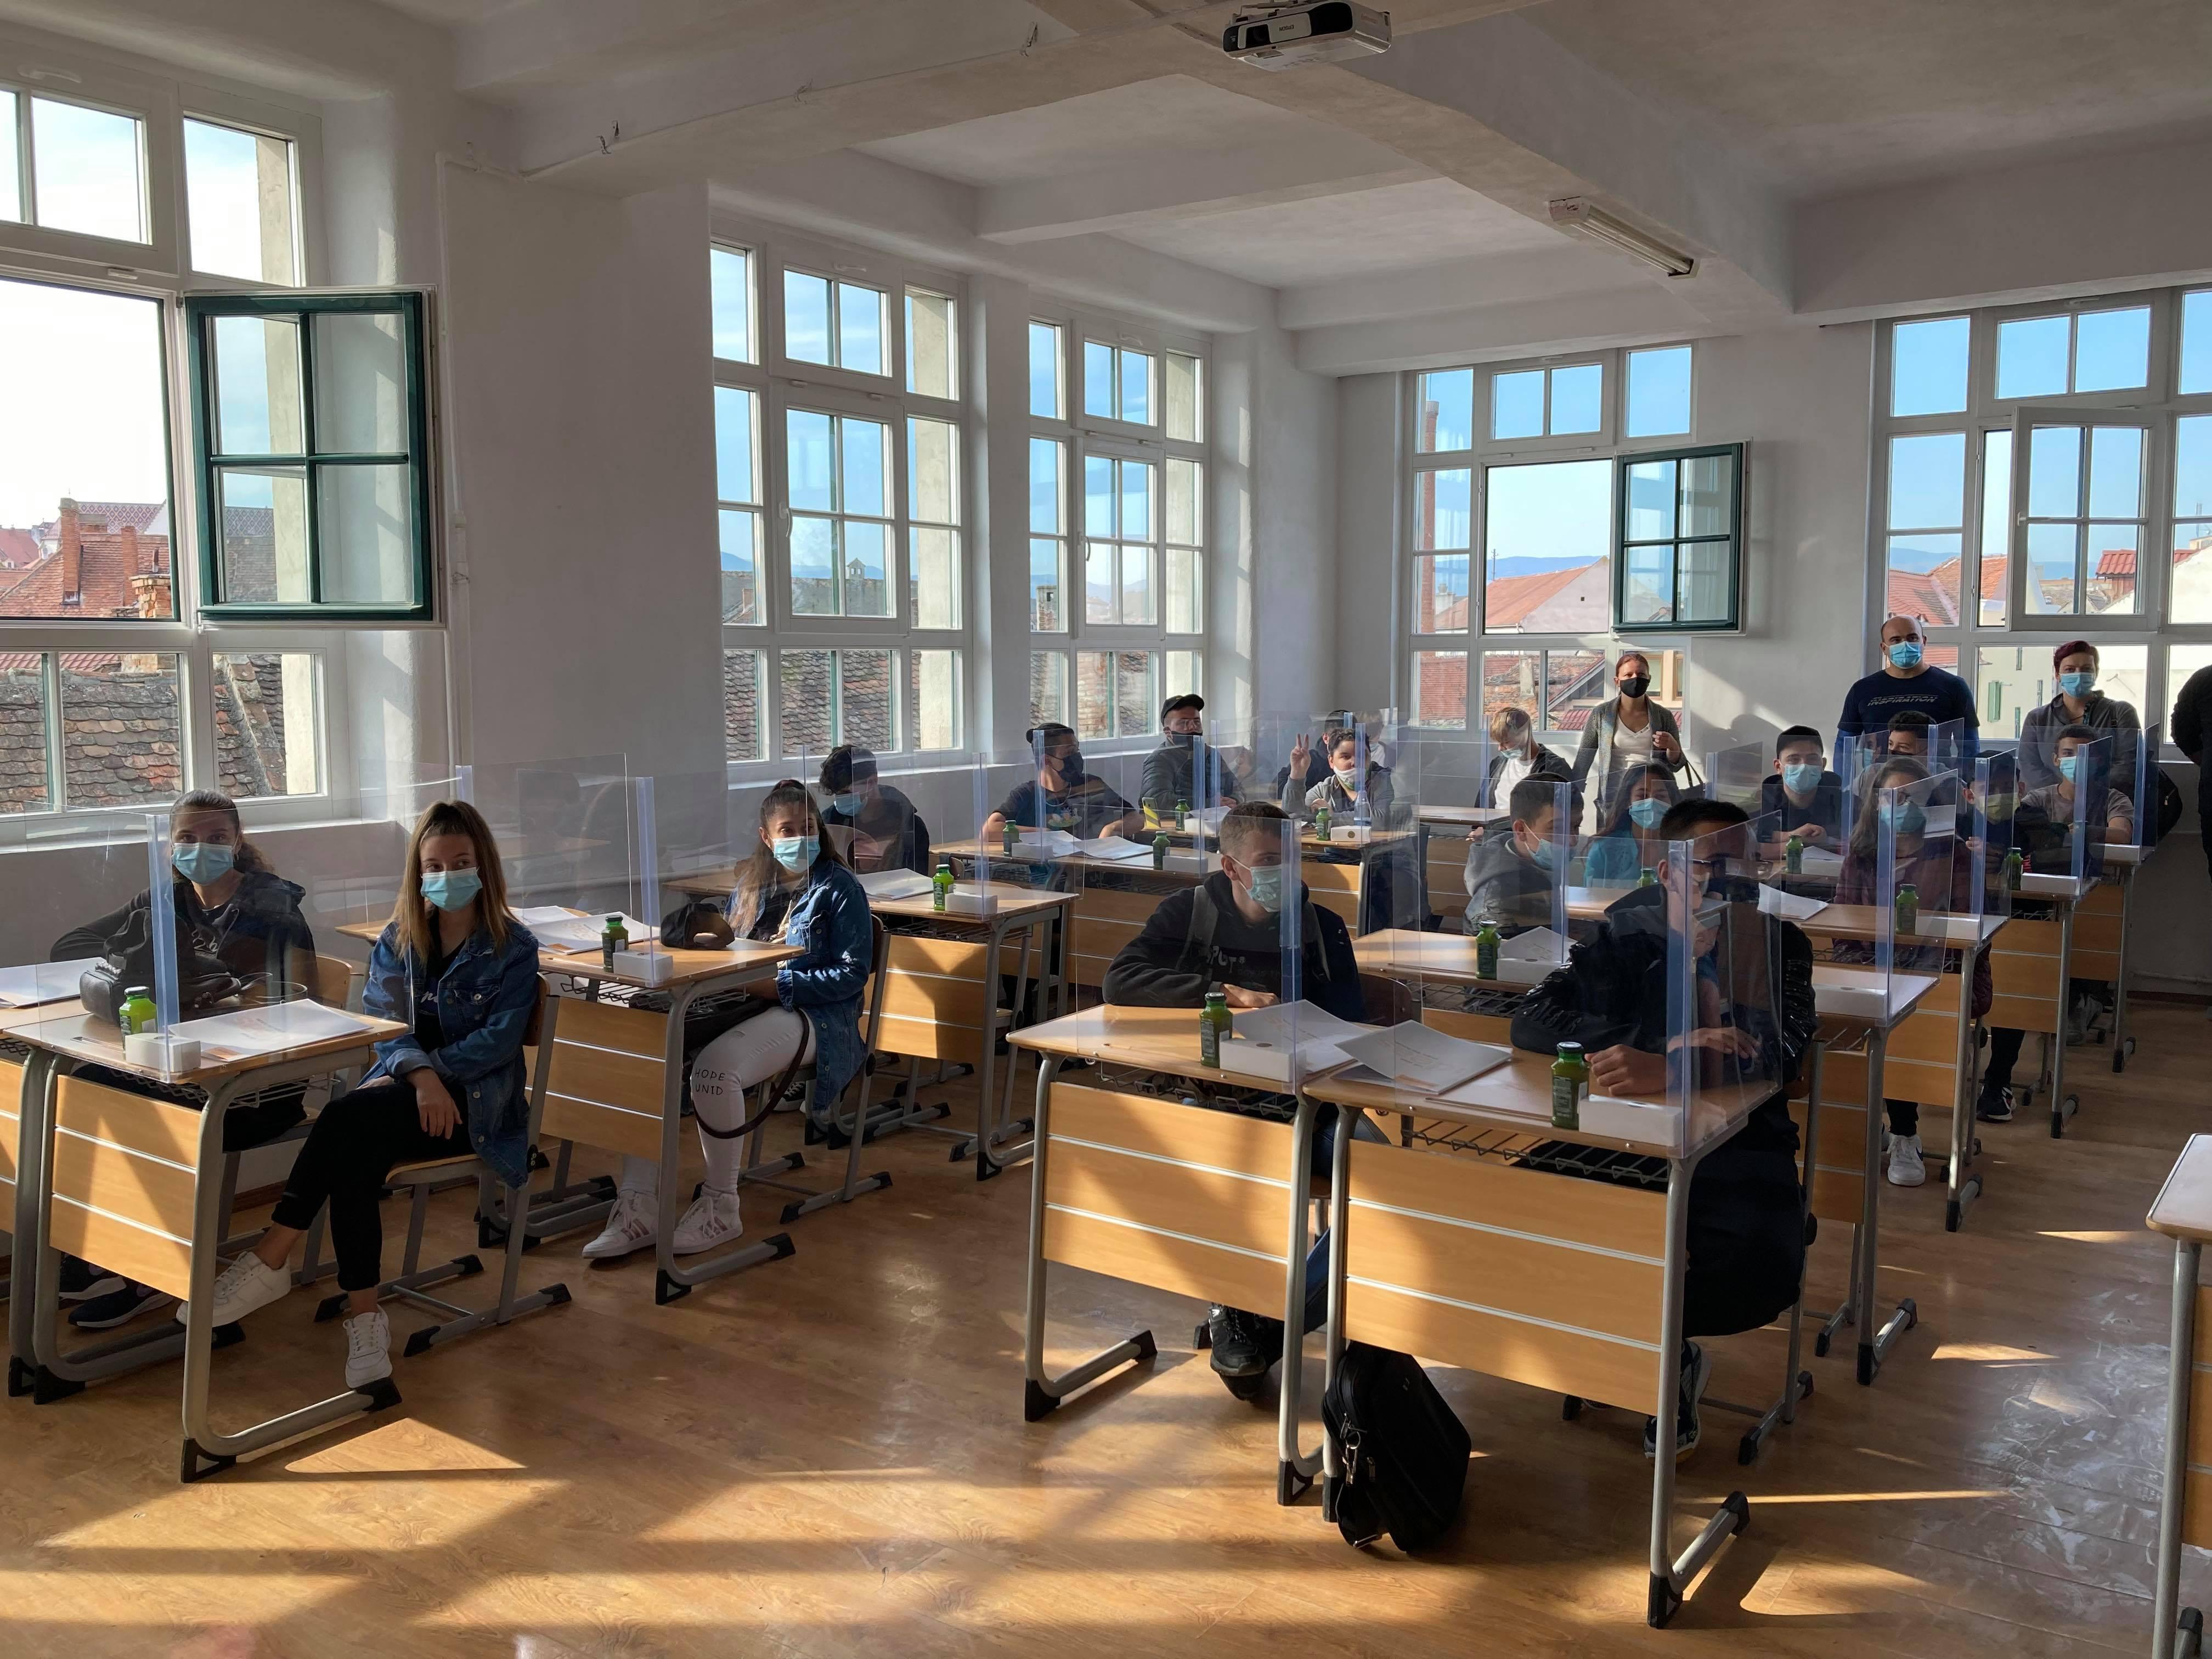 Școala din Sibiu unde elevii sunt plătiți să învețe bine, apoi au loc de muncă asigurat